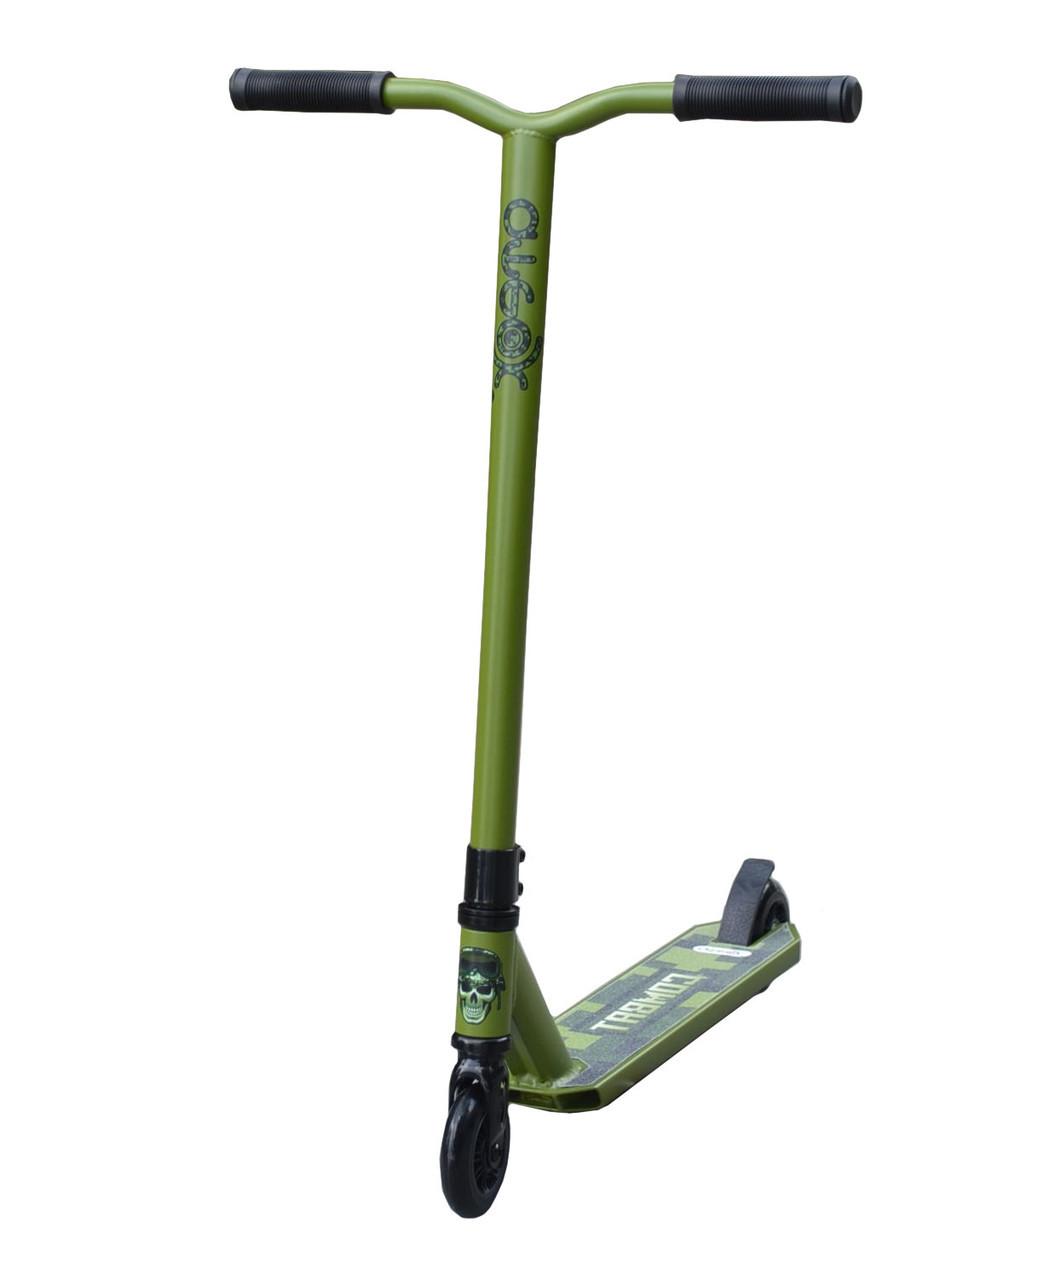 Самокат трюковой Ateox Combat, зелёный